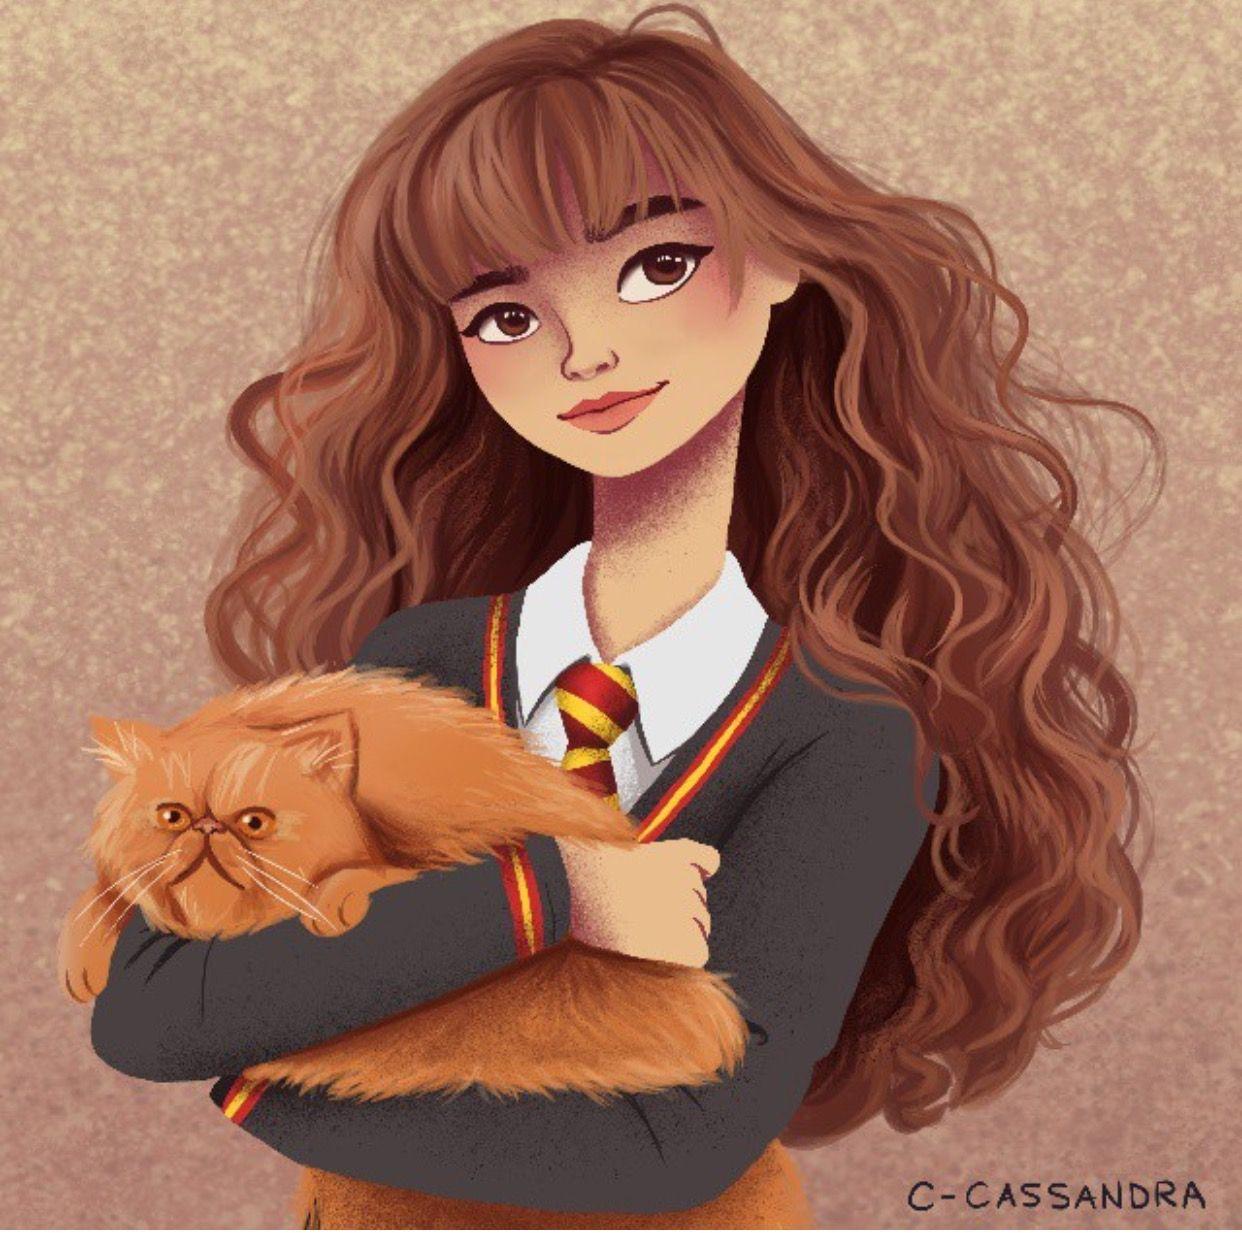 Cassandra Hermione Hermione granger fan art, Harry